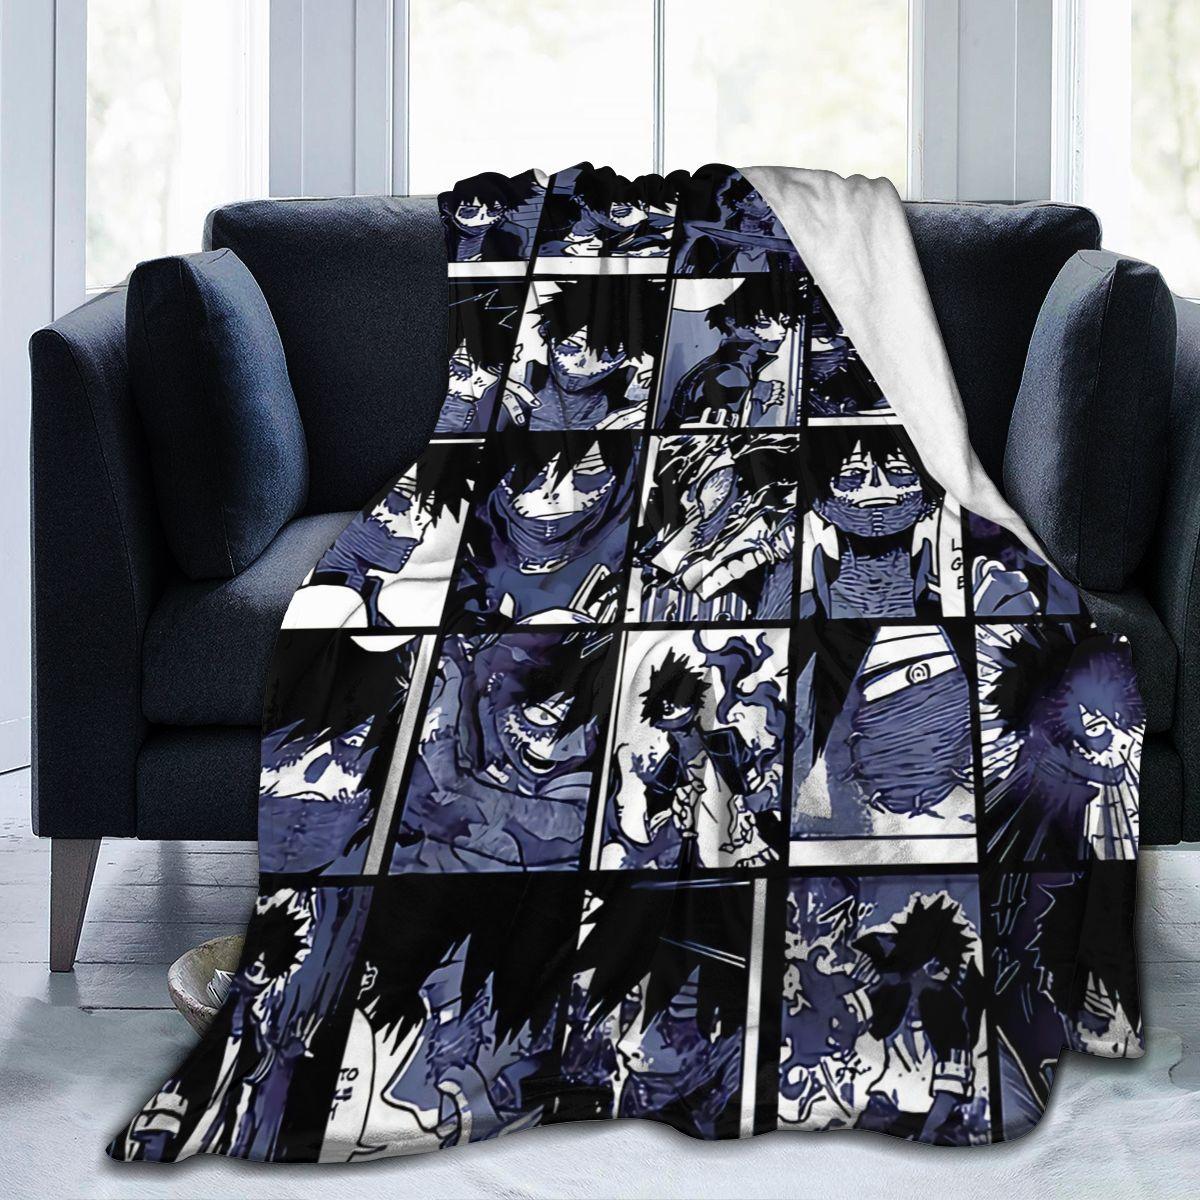 بطلي الأكاديمية كلية أنيمي Kirishima رمي بطانية غامض الدافئة يلقي لفصل الشتاء الفراش ثلاثية الأبعاد الطباعة لينة الصوف الصغير